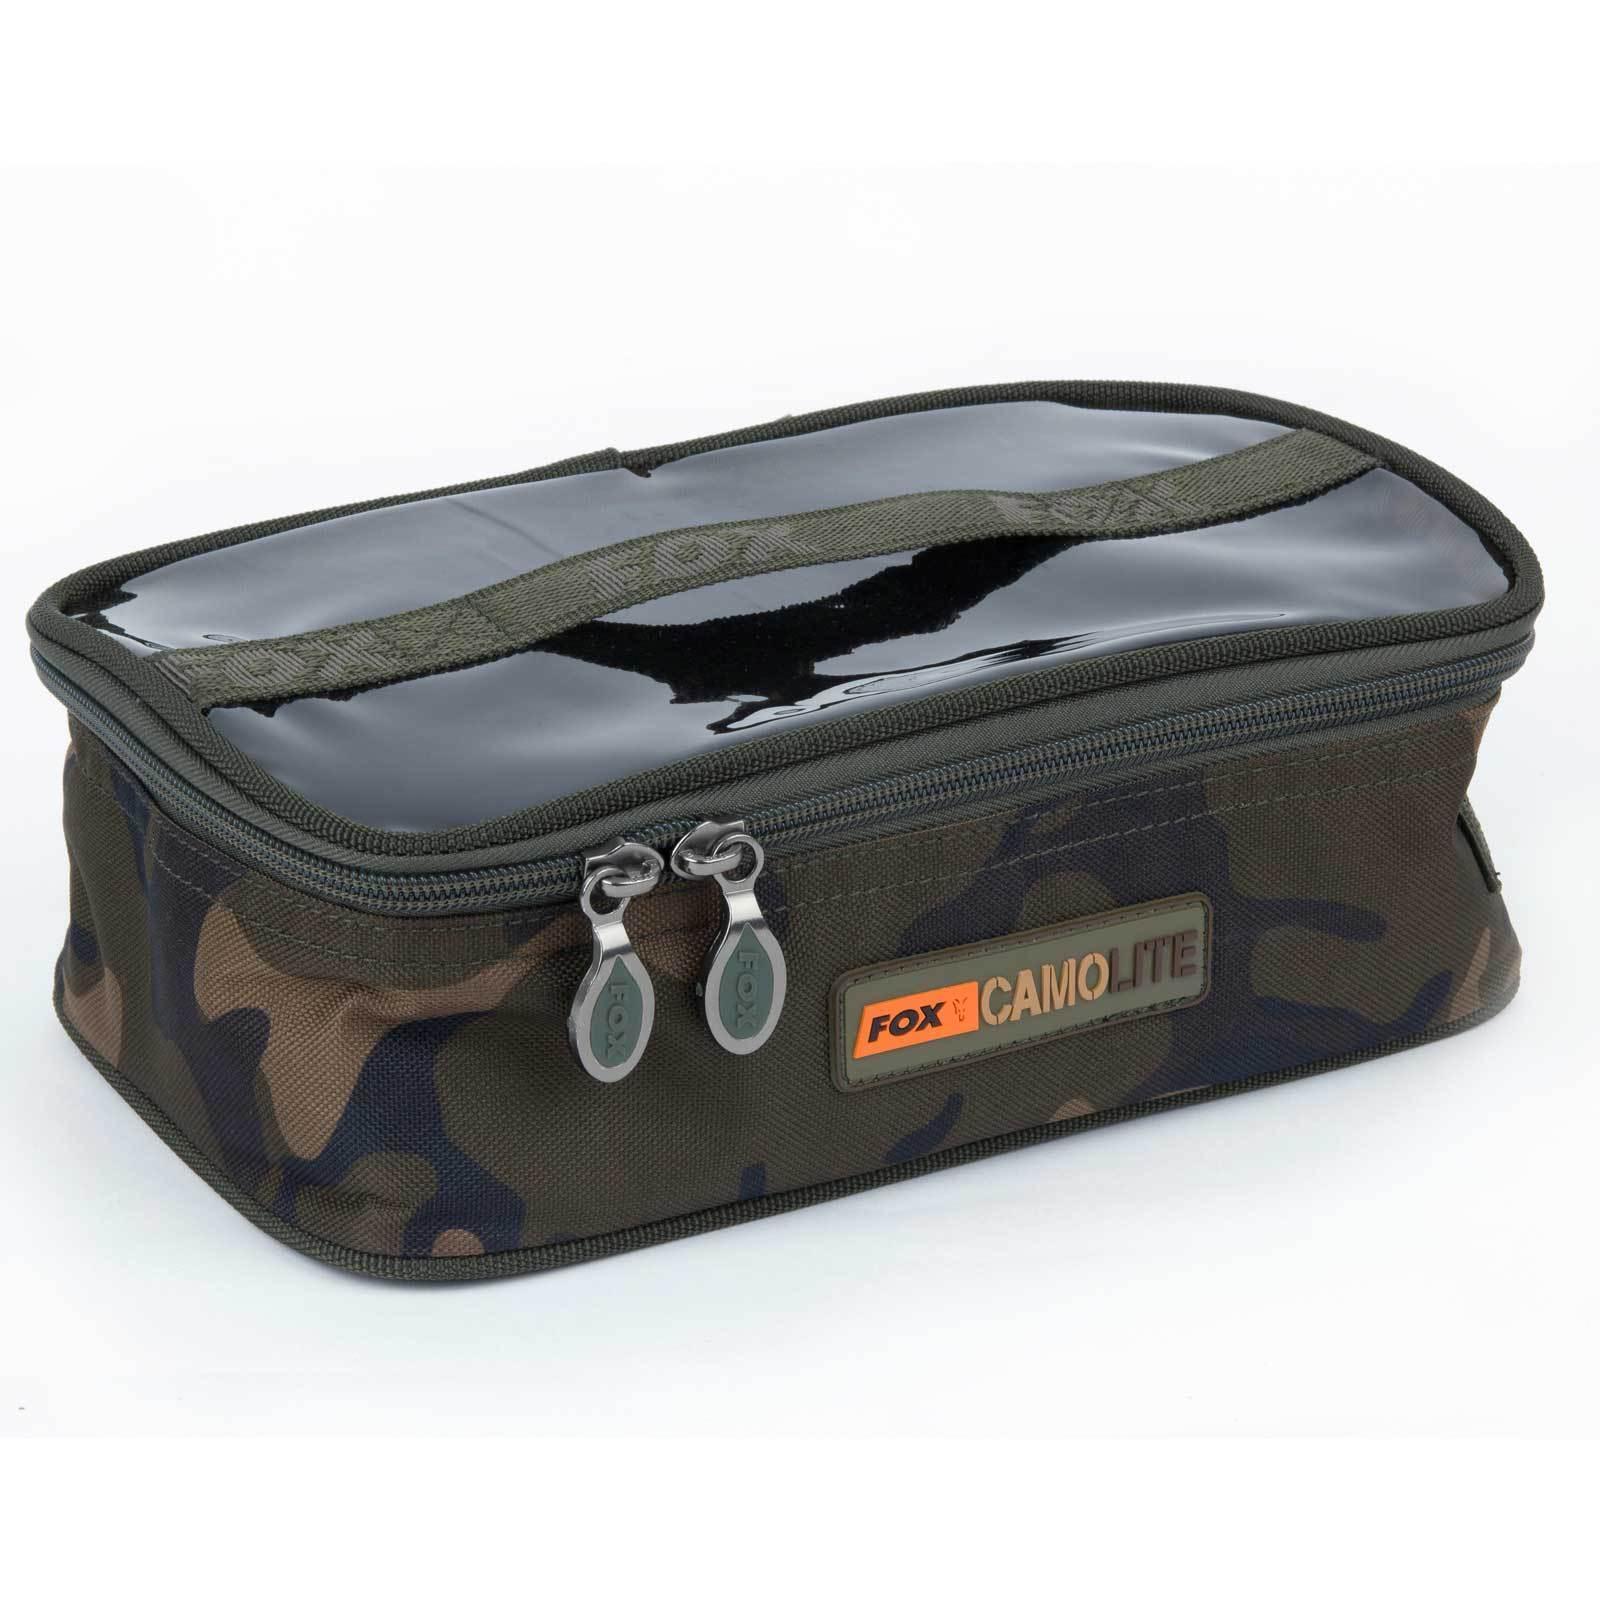 Bolsa accesorios pesca de de de ciprinidos - medio de la bolsa de accesorios de Camolite del zorro ddcf95